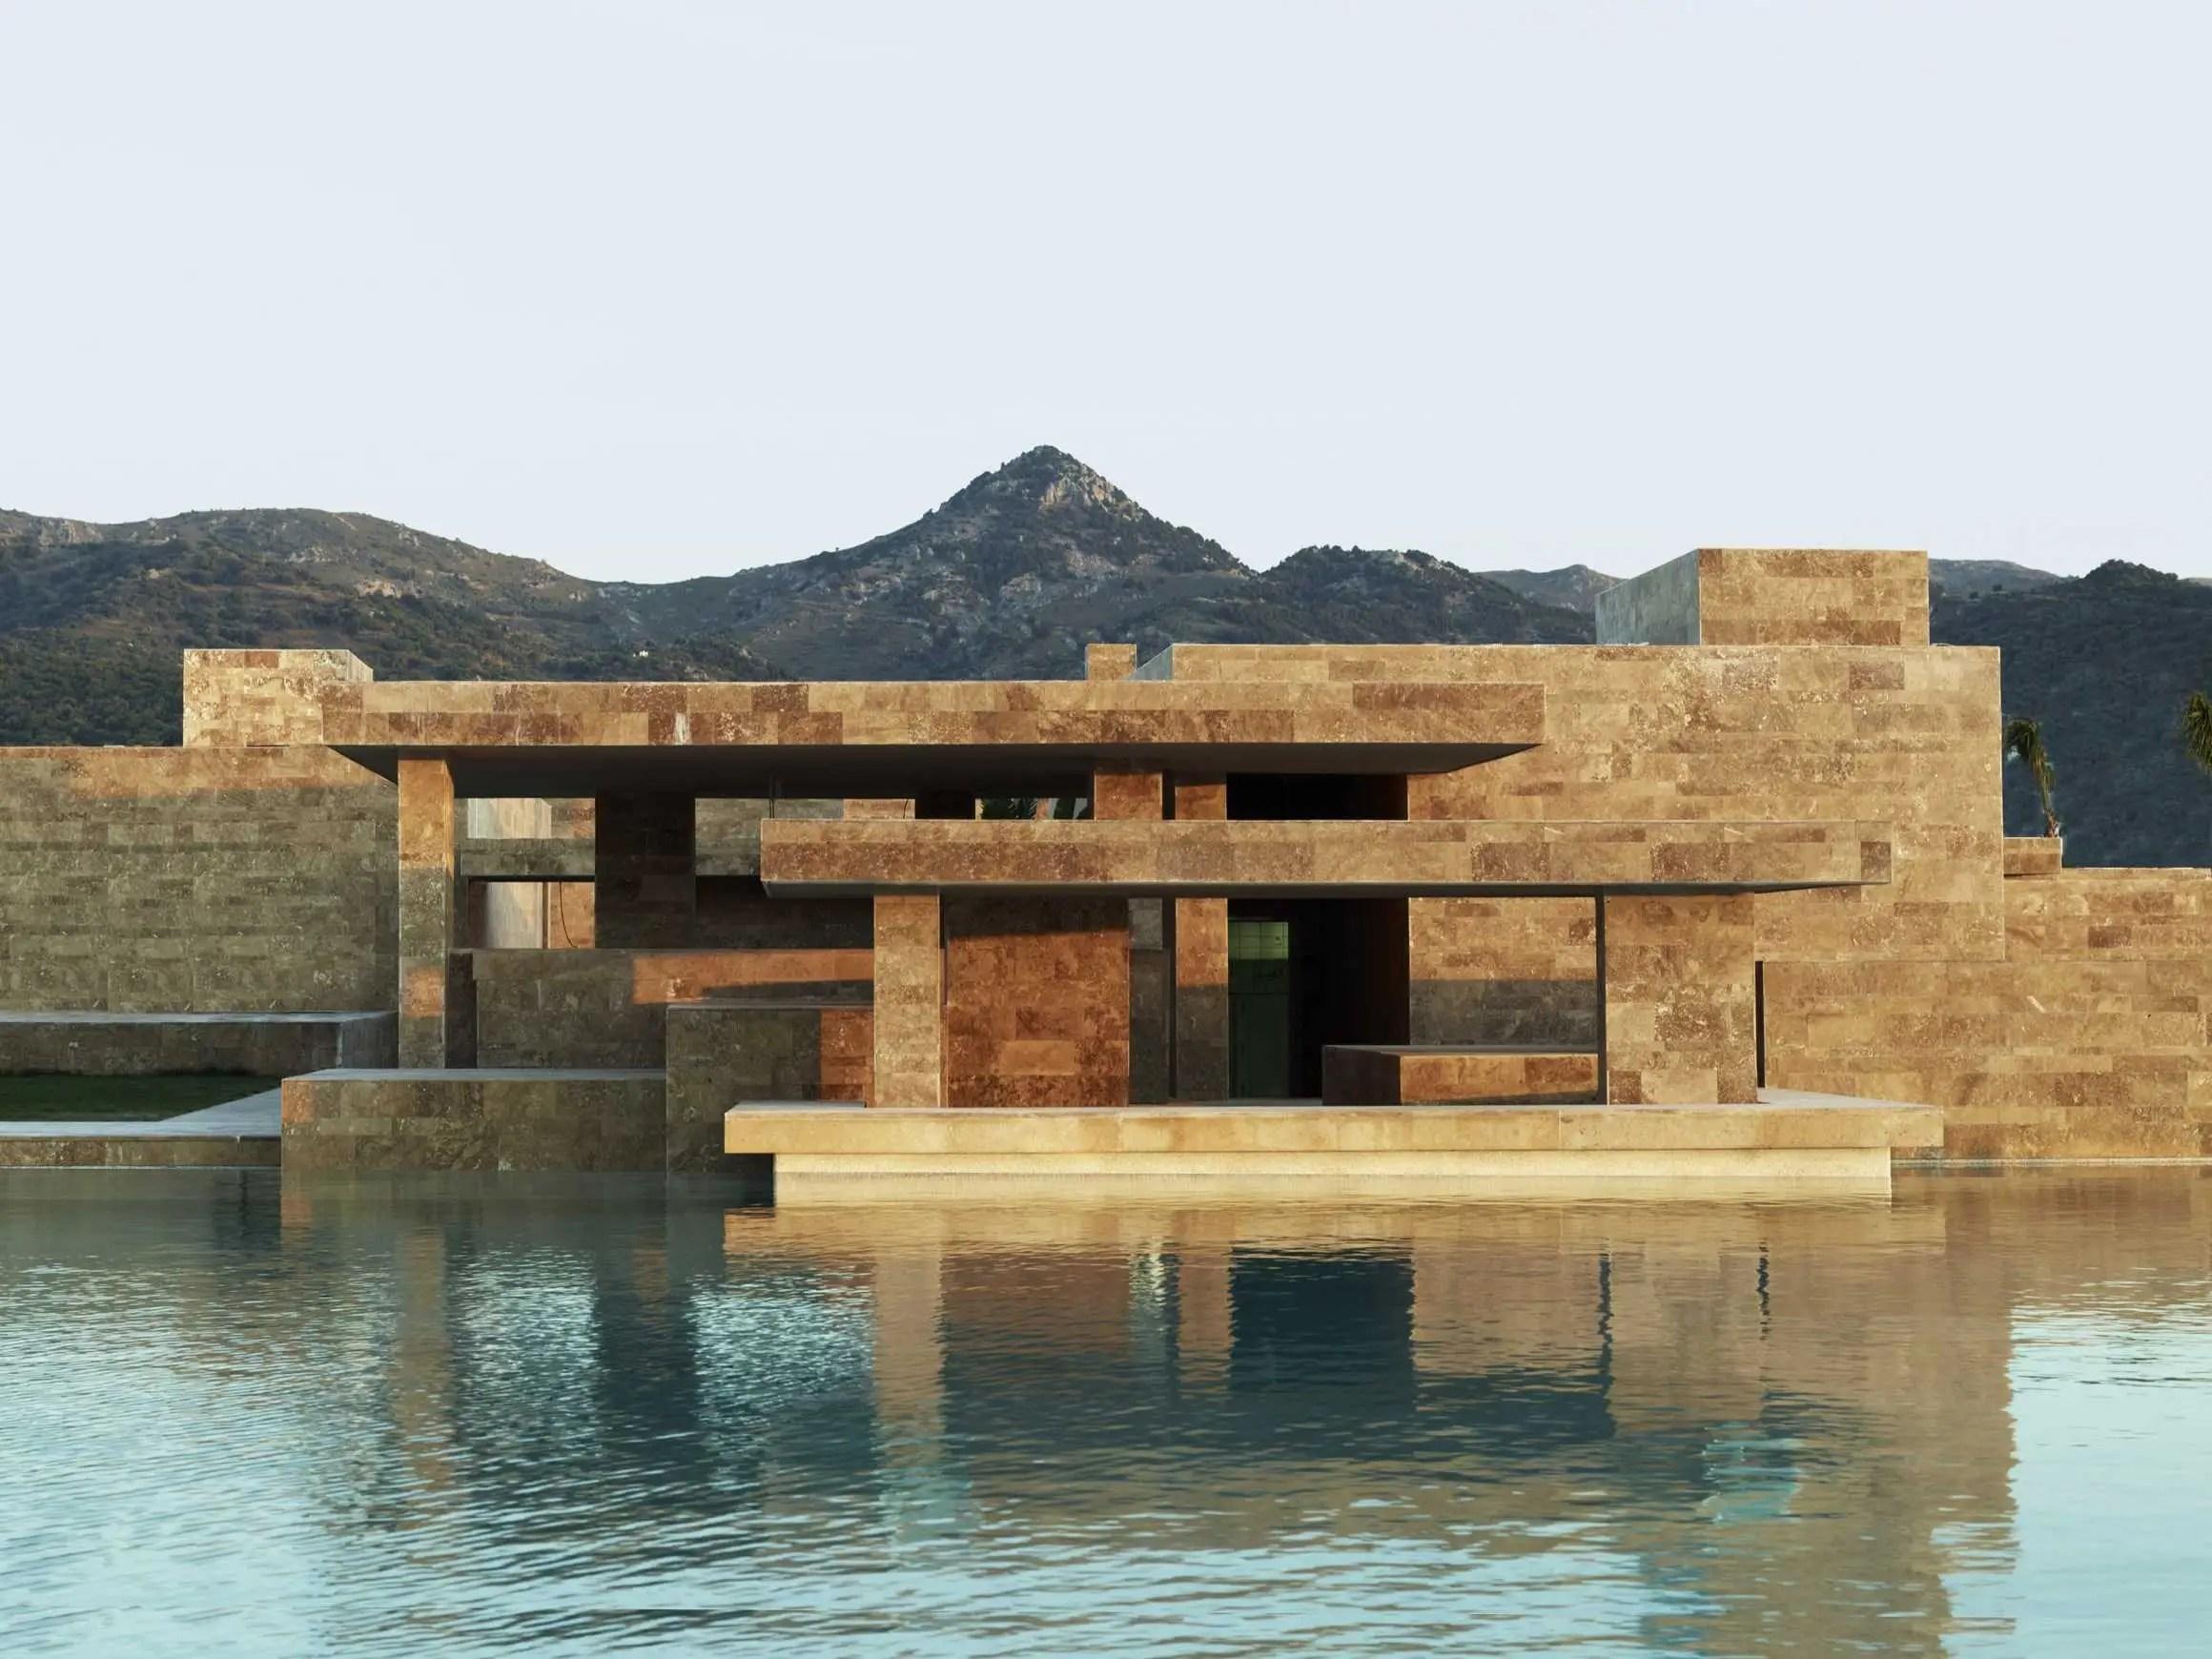 Yalikavak Marina Complex by Emre Arolat Architects, Bodrum, Turkey (shortlisted in Shopping)